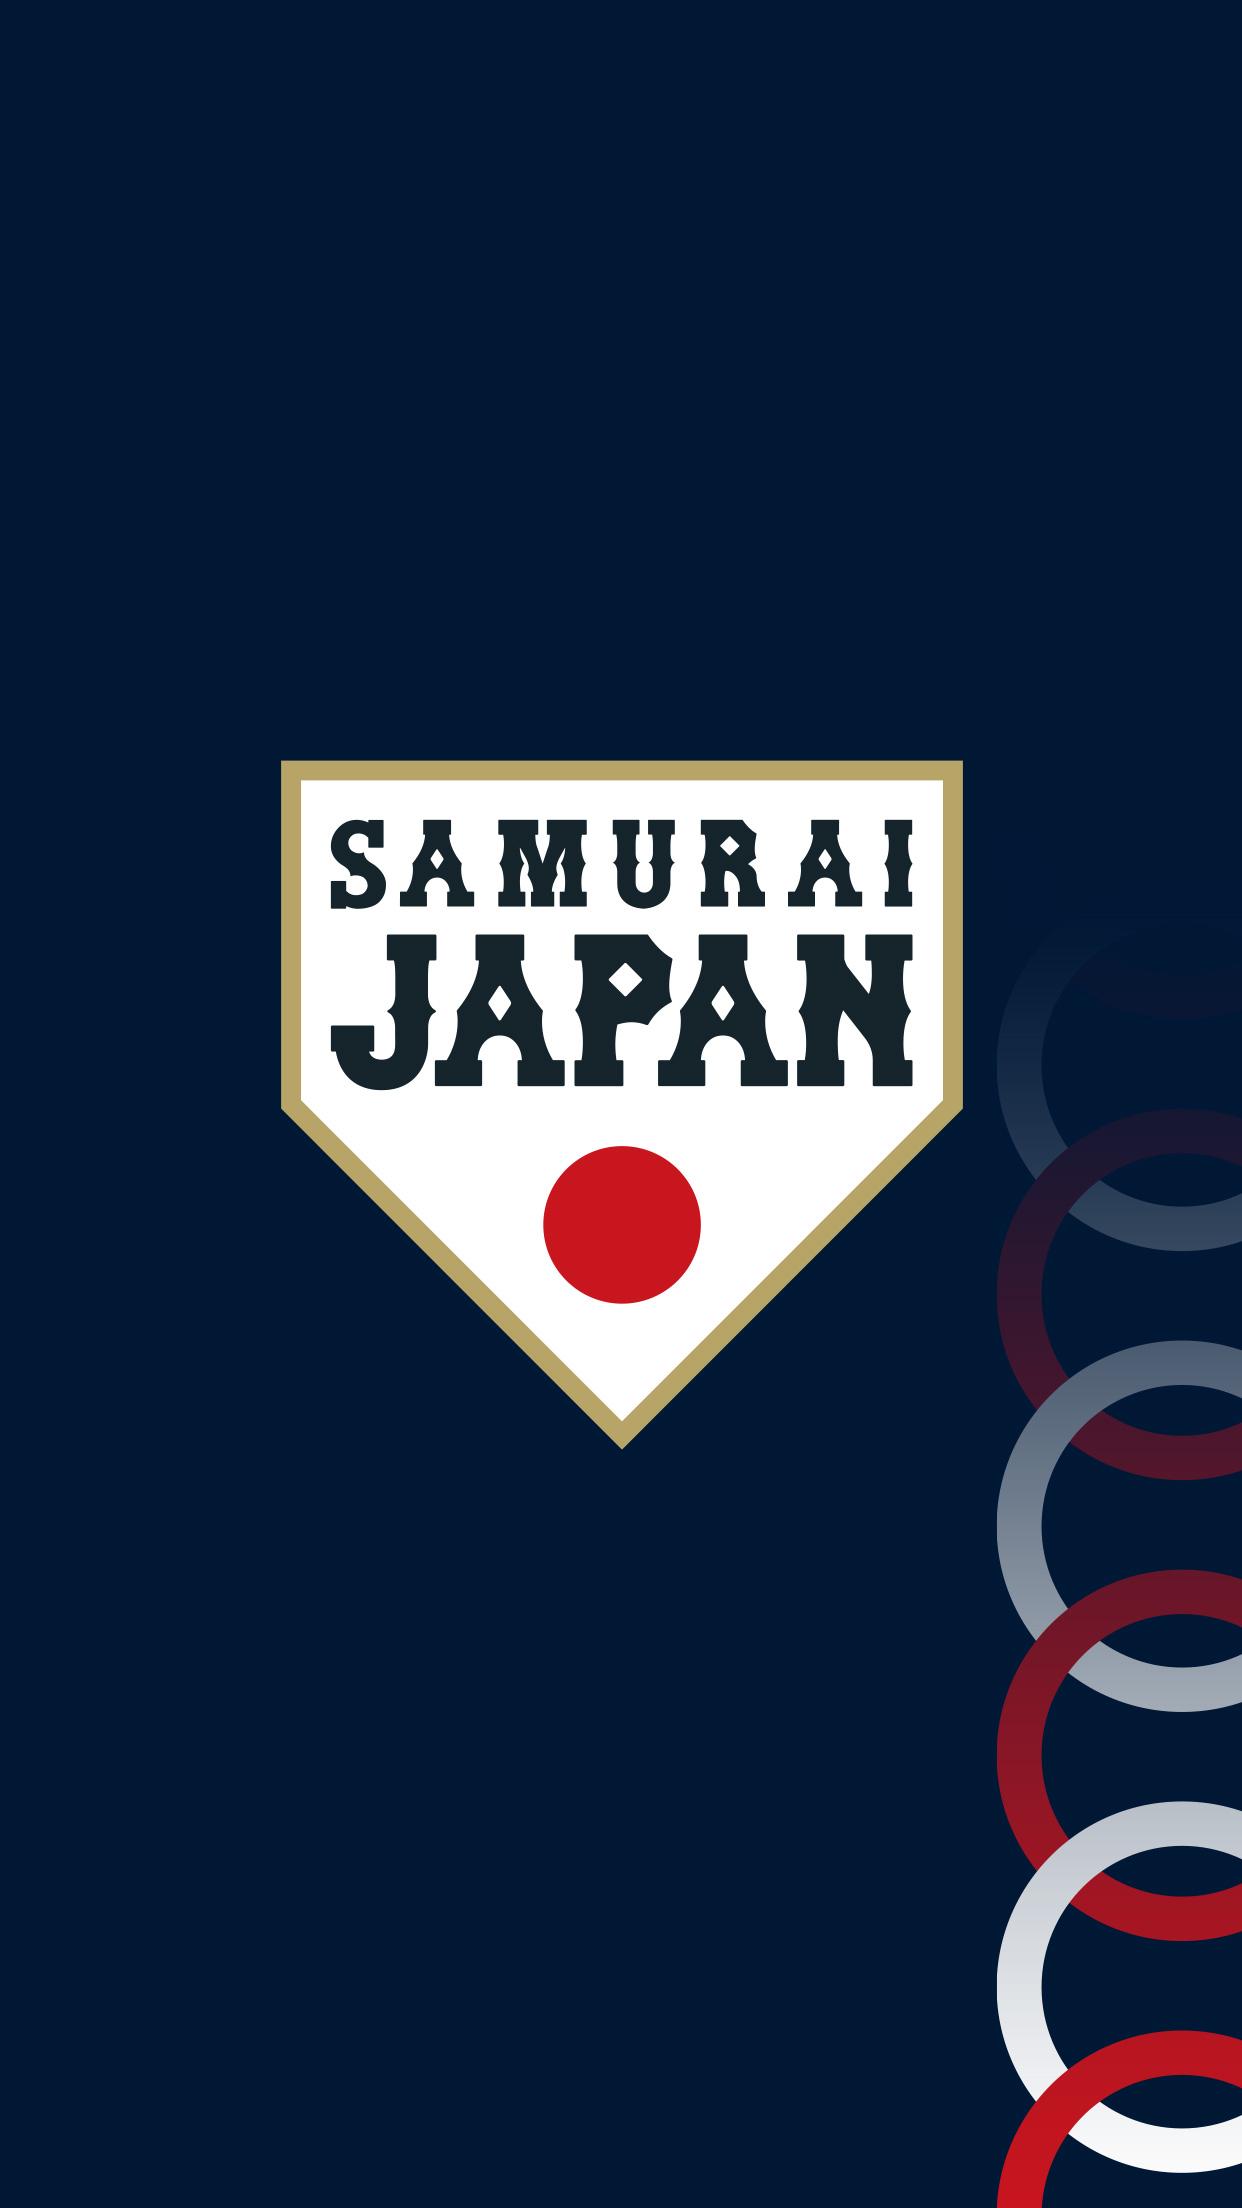 壁紙ダウンロード 野球日本代表 侍ジャパンオフィシャルサイト